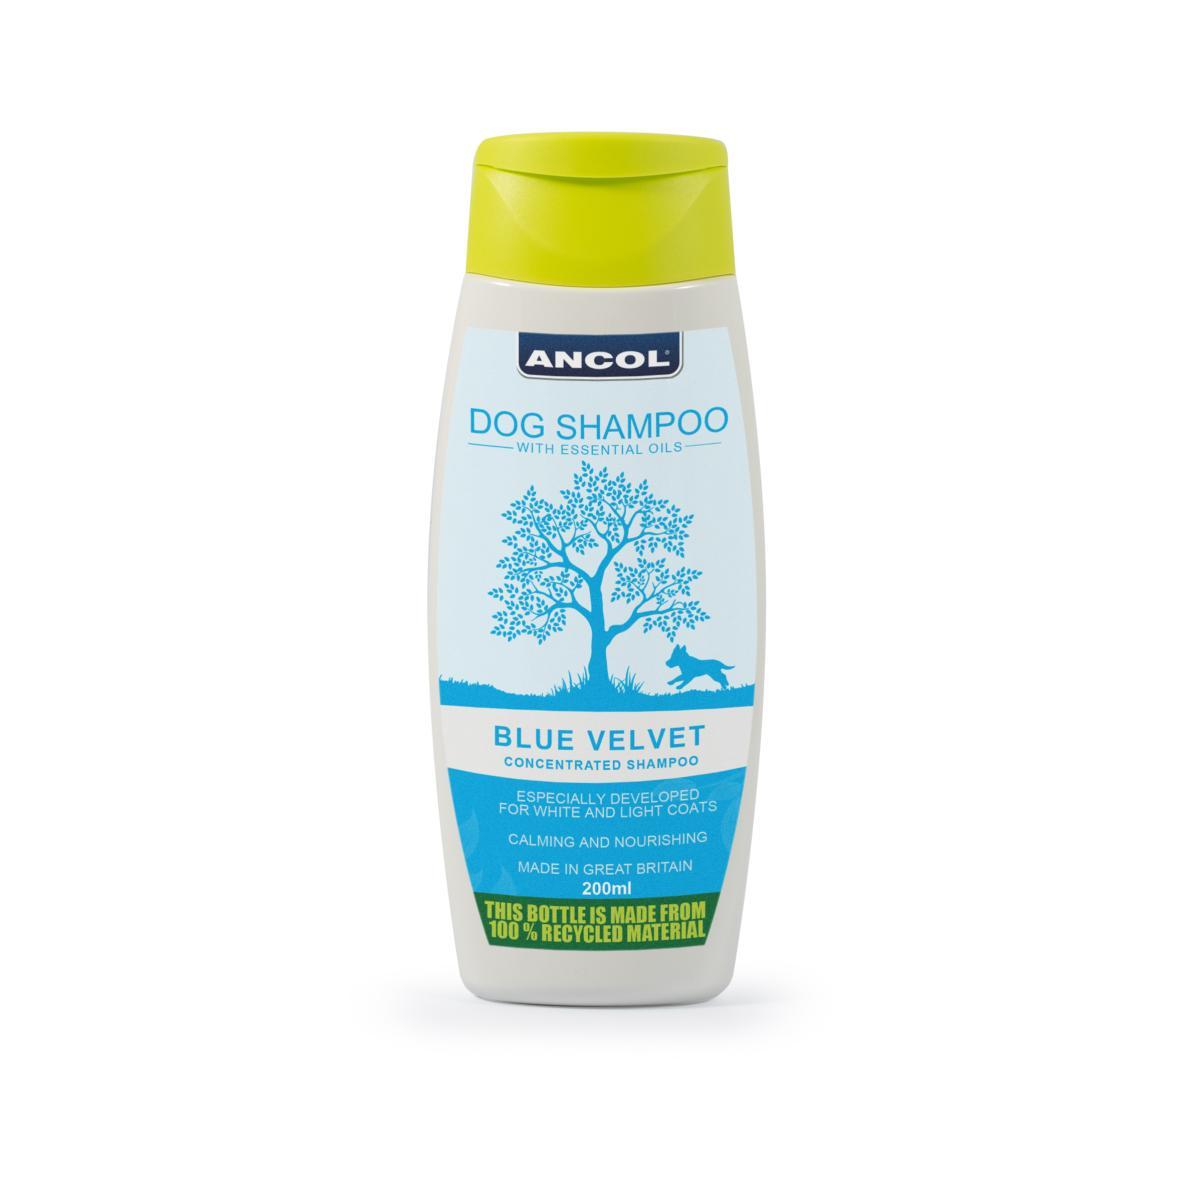 ANCOL Blue Velvet Dog Shampoo 200ml